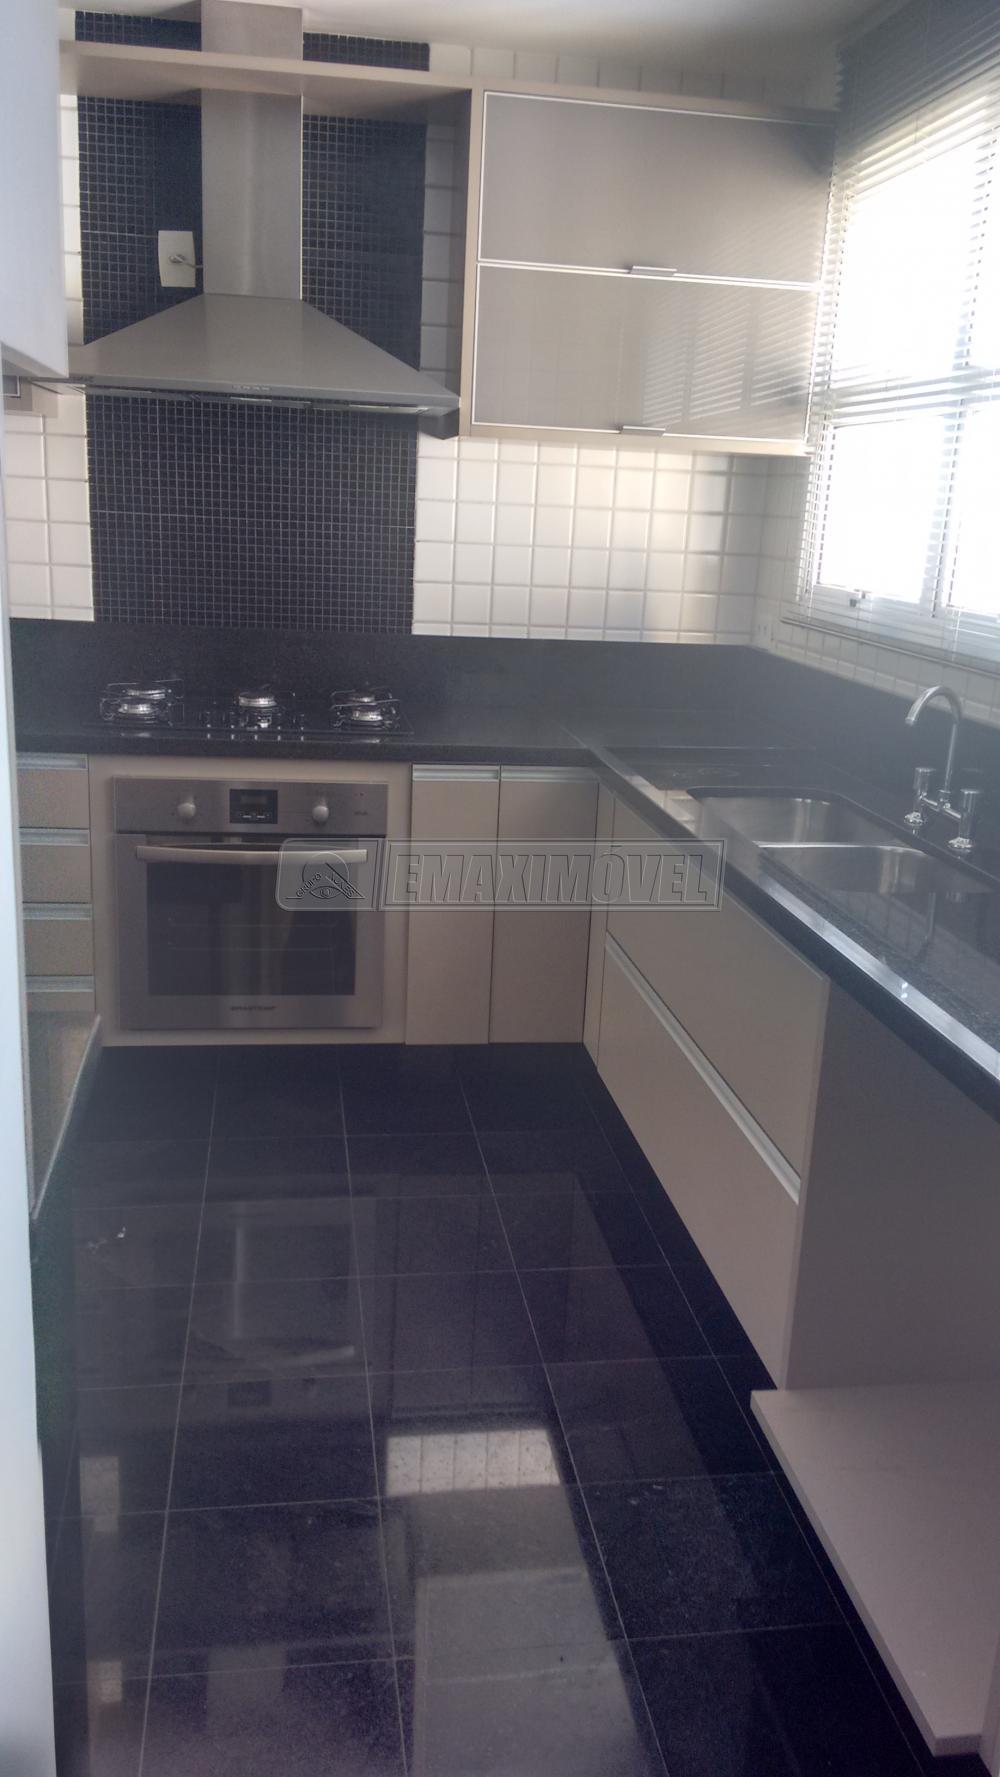 Comprar Apartamentos / Apto Padrão em Sorocaba apenas R$ 1.400.000,00 - Foto 25